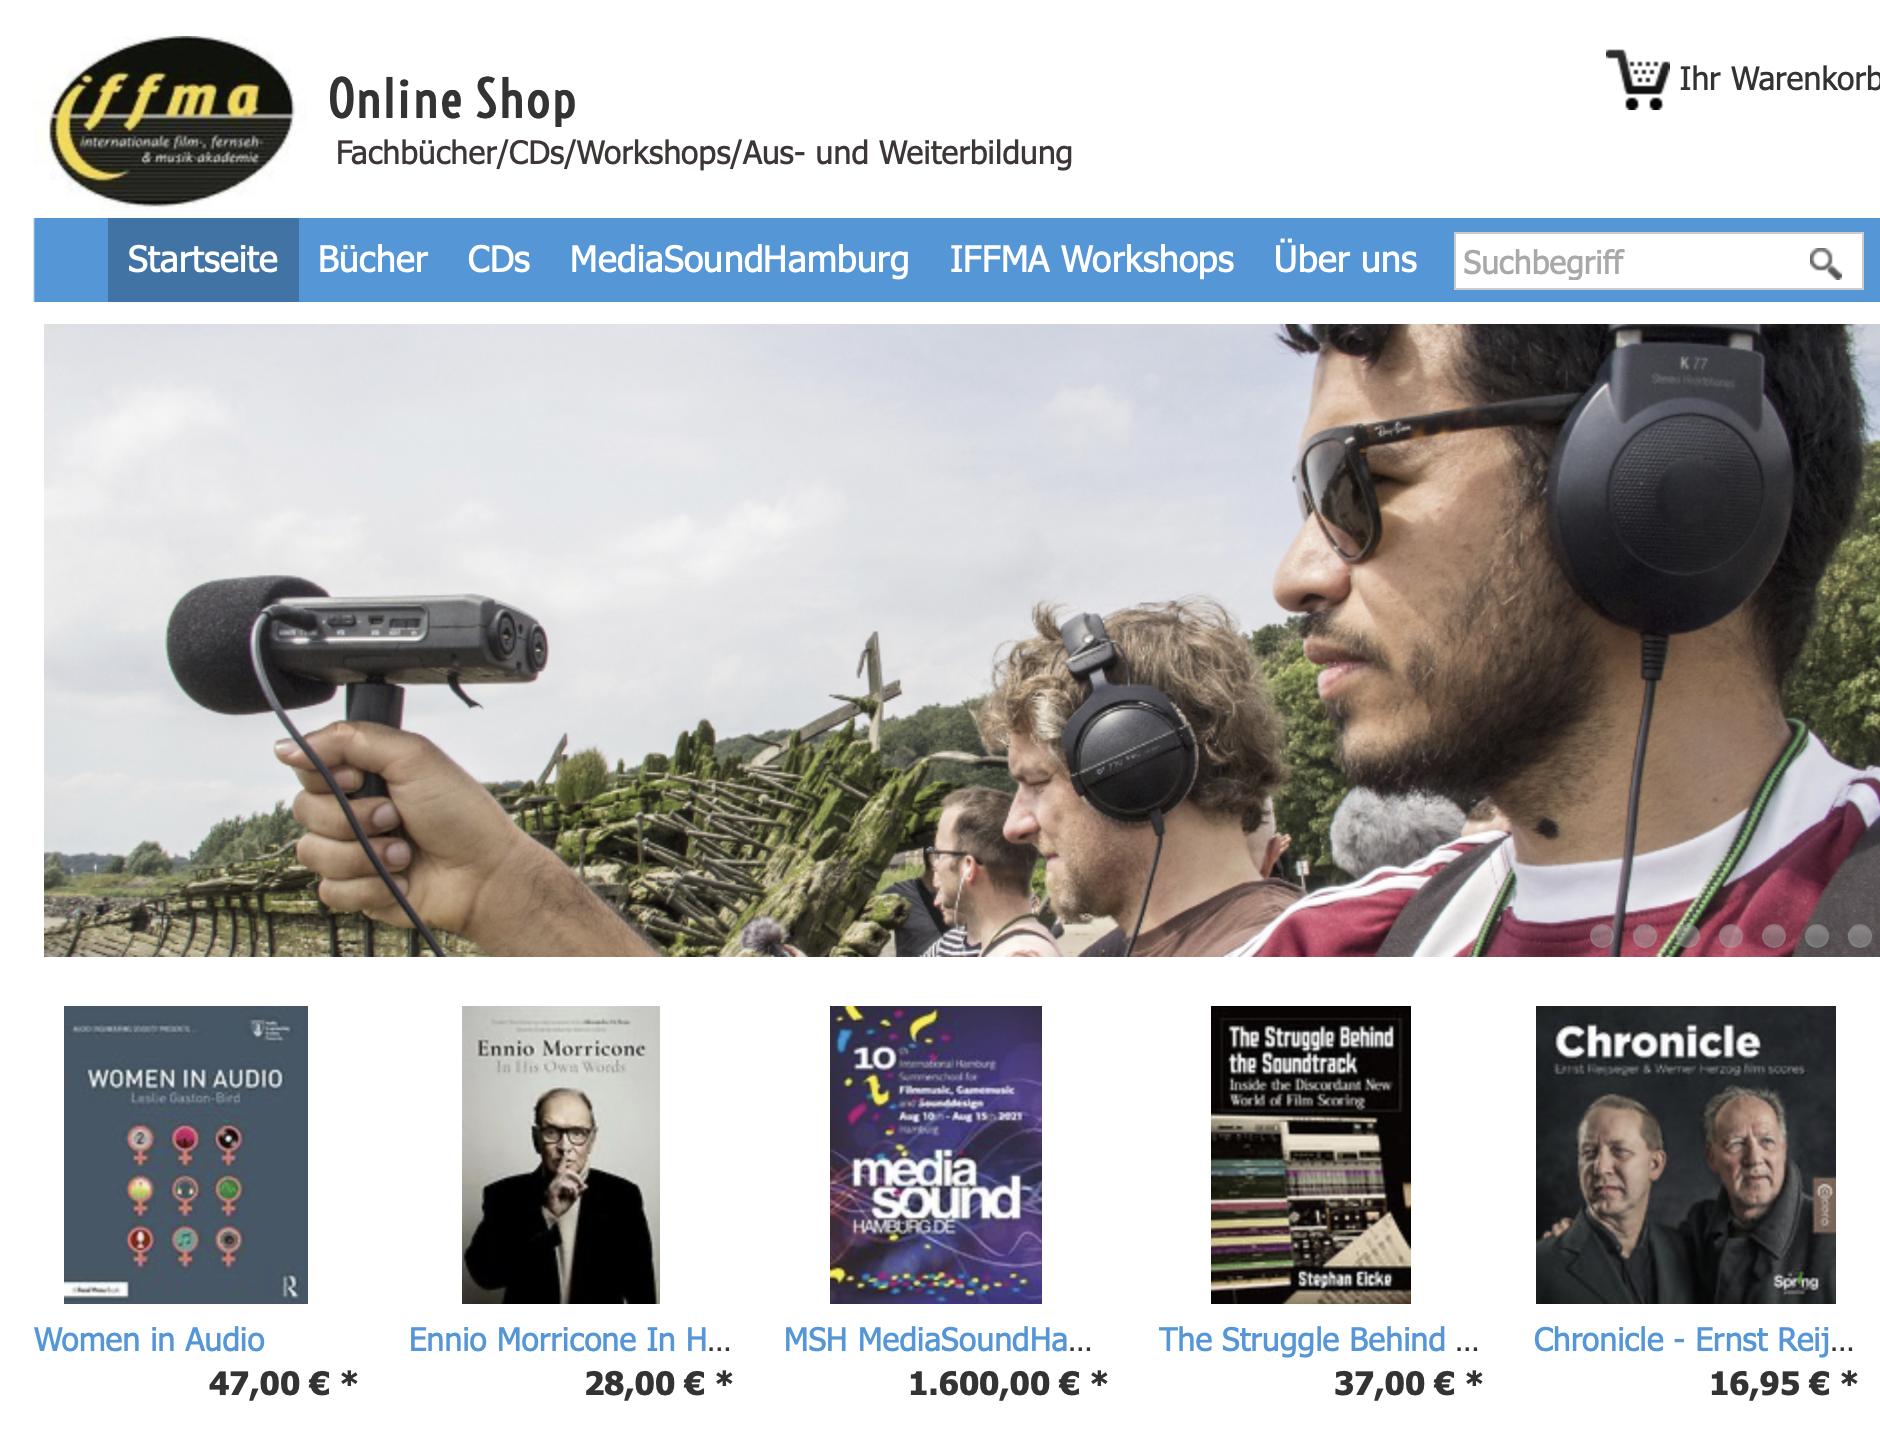 IFFMA Online Shop für Fachbücher, CDs, Workshops, Aus- und Weiterbildung